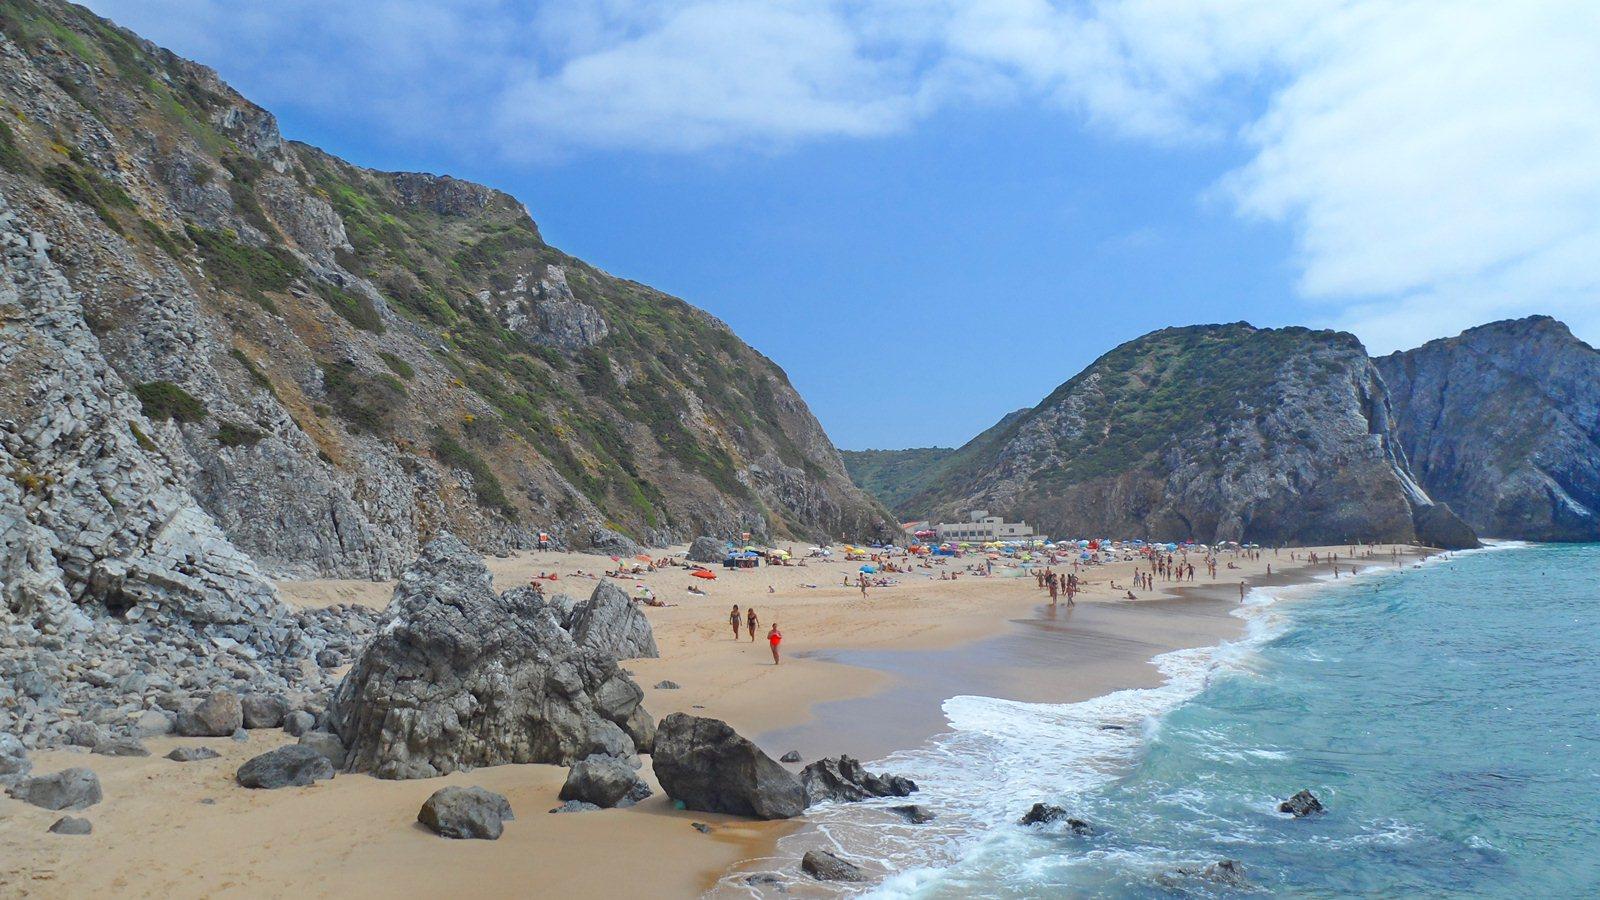 Las mejores playas, las mejores playas de portugal, playas de portugal